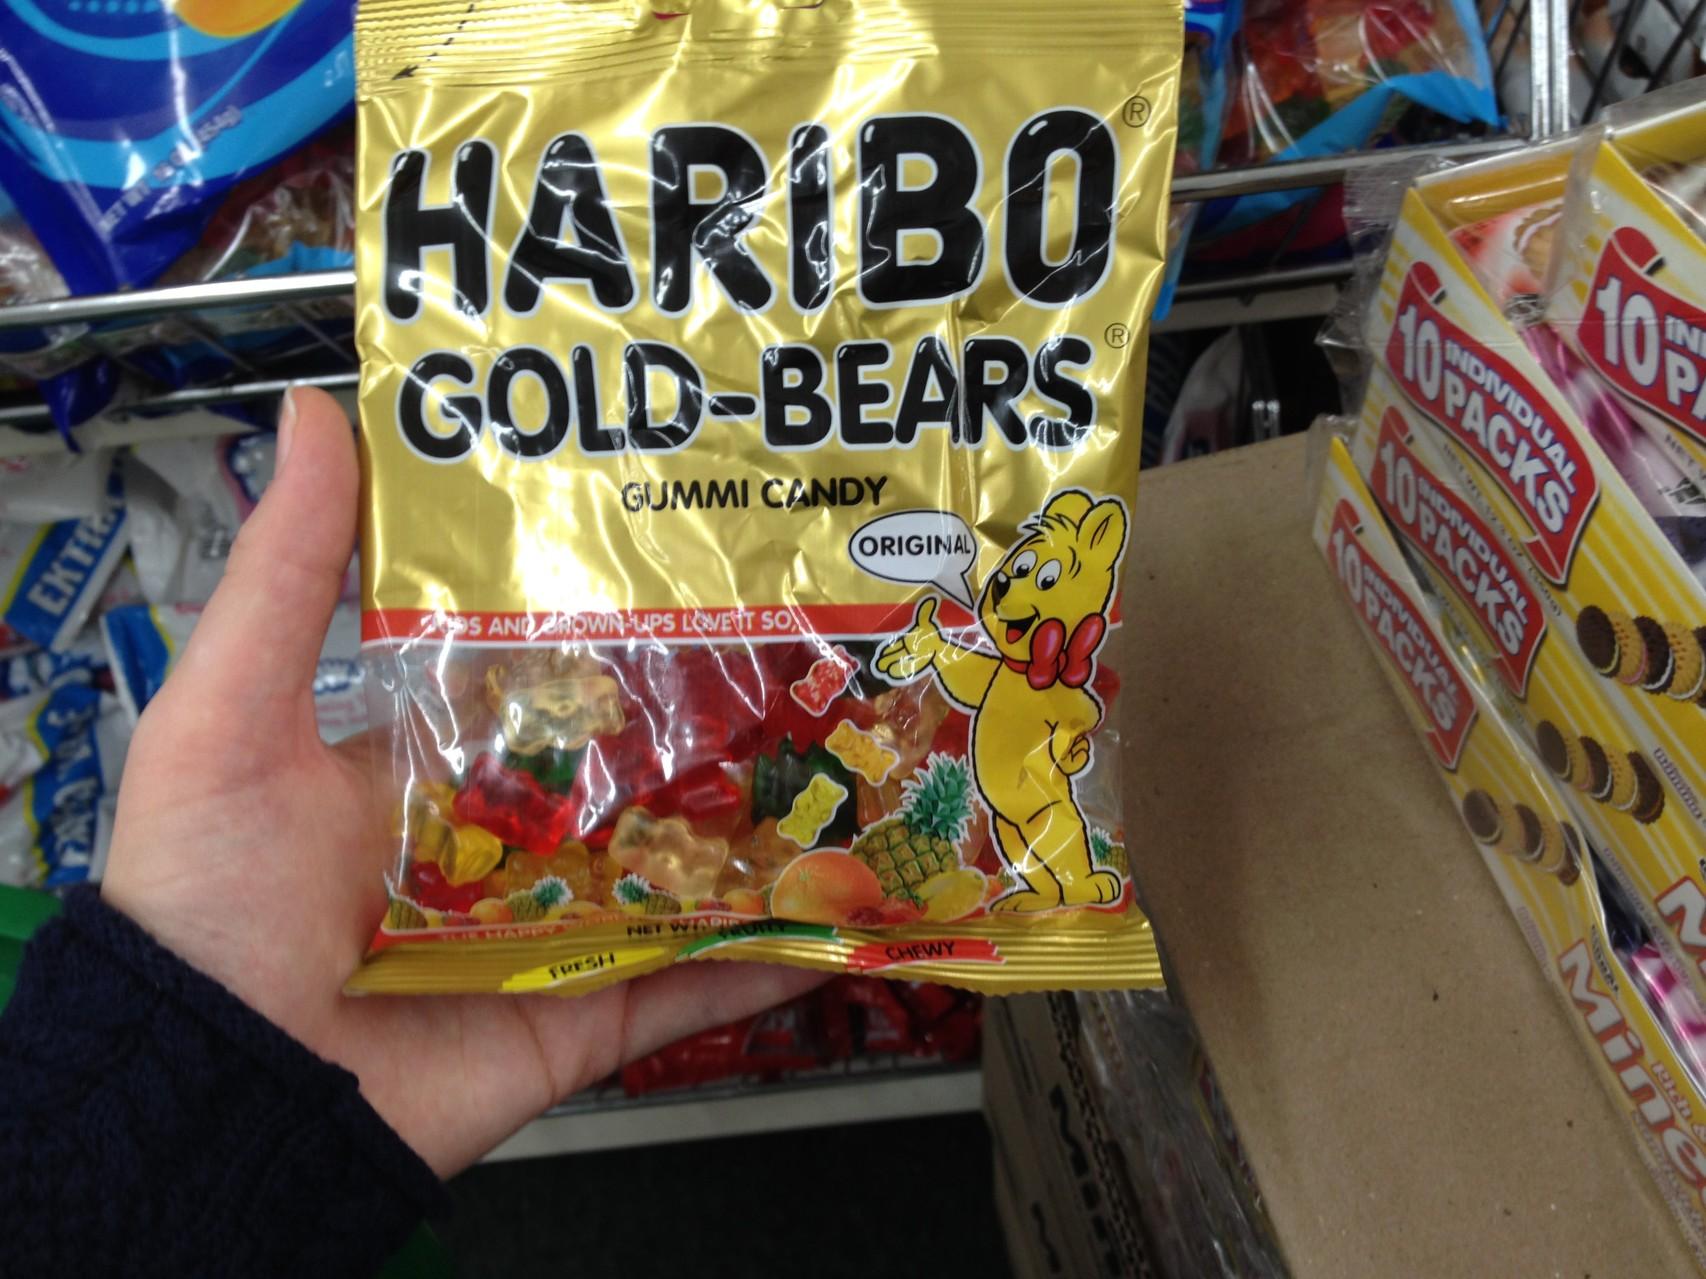 Haribo gefunden...nur die Farbe der Gummibärchen sieht ungesund aus